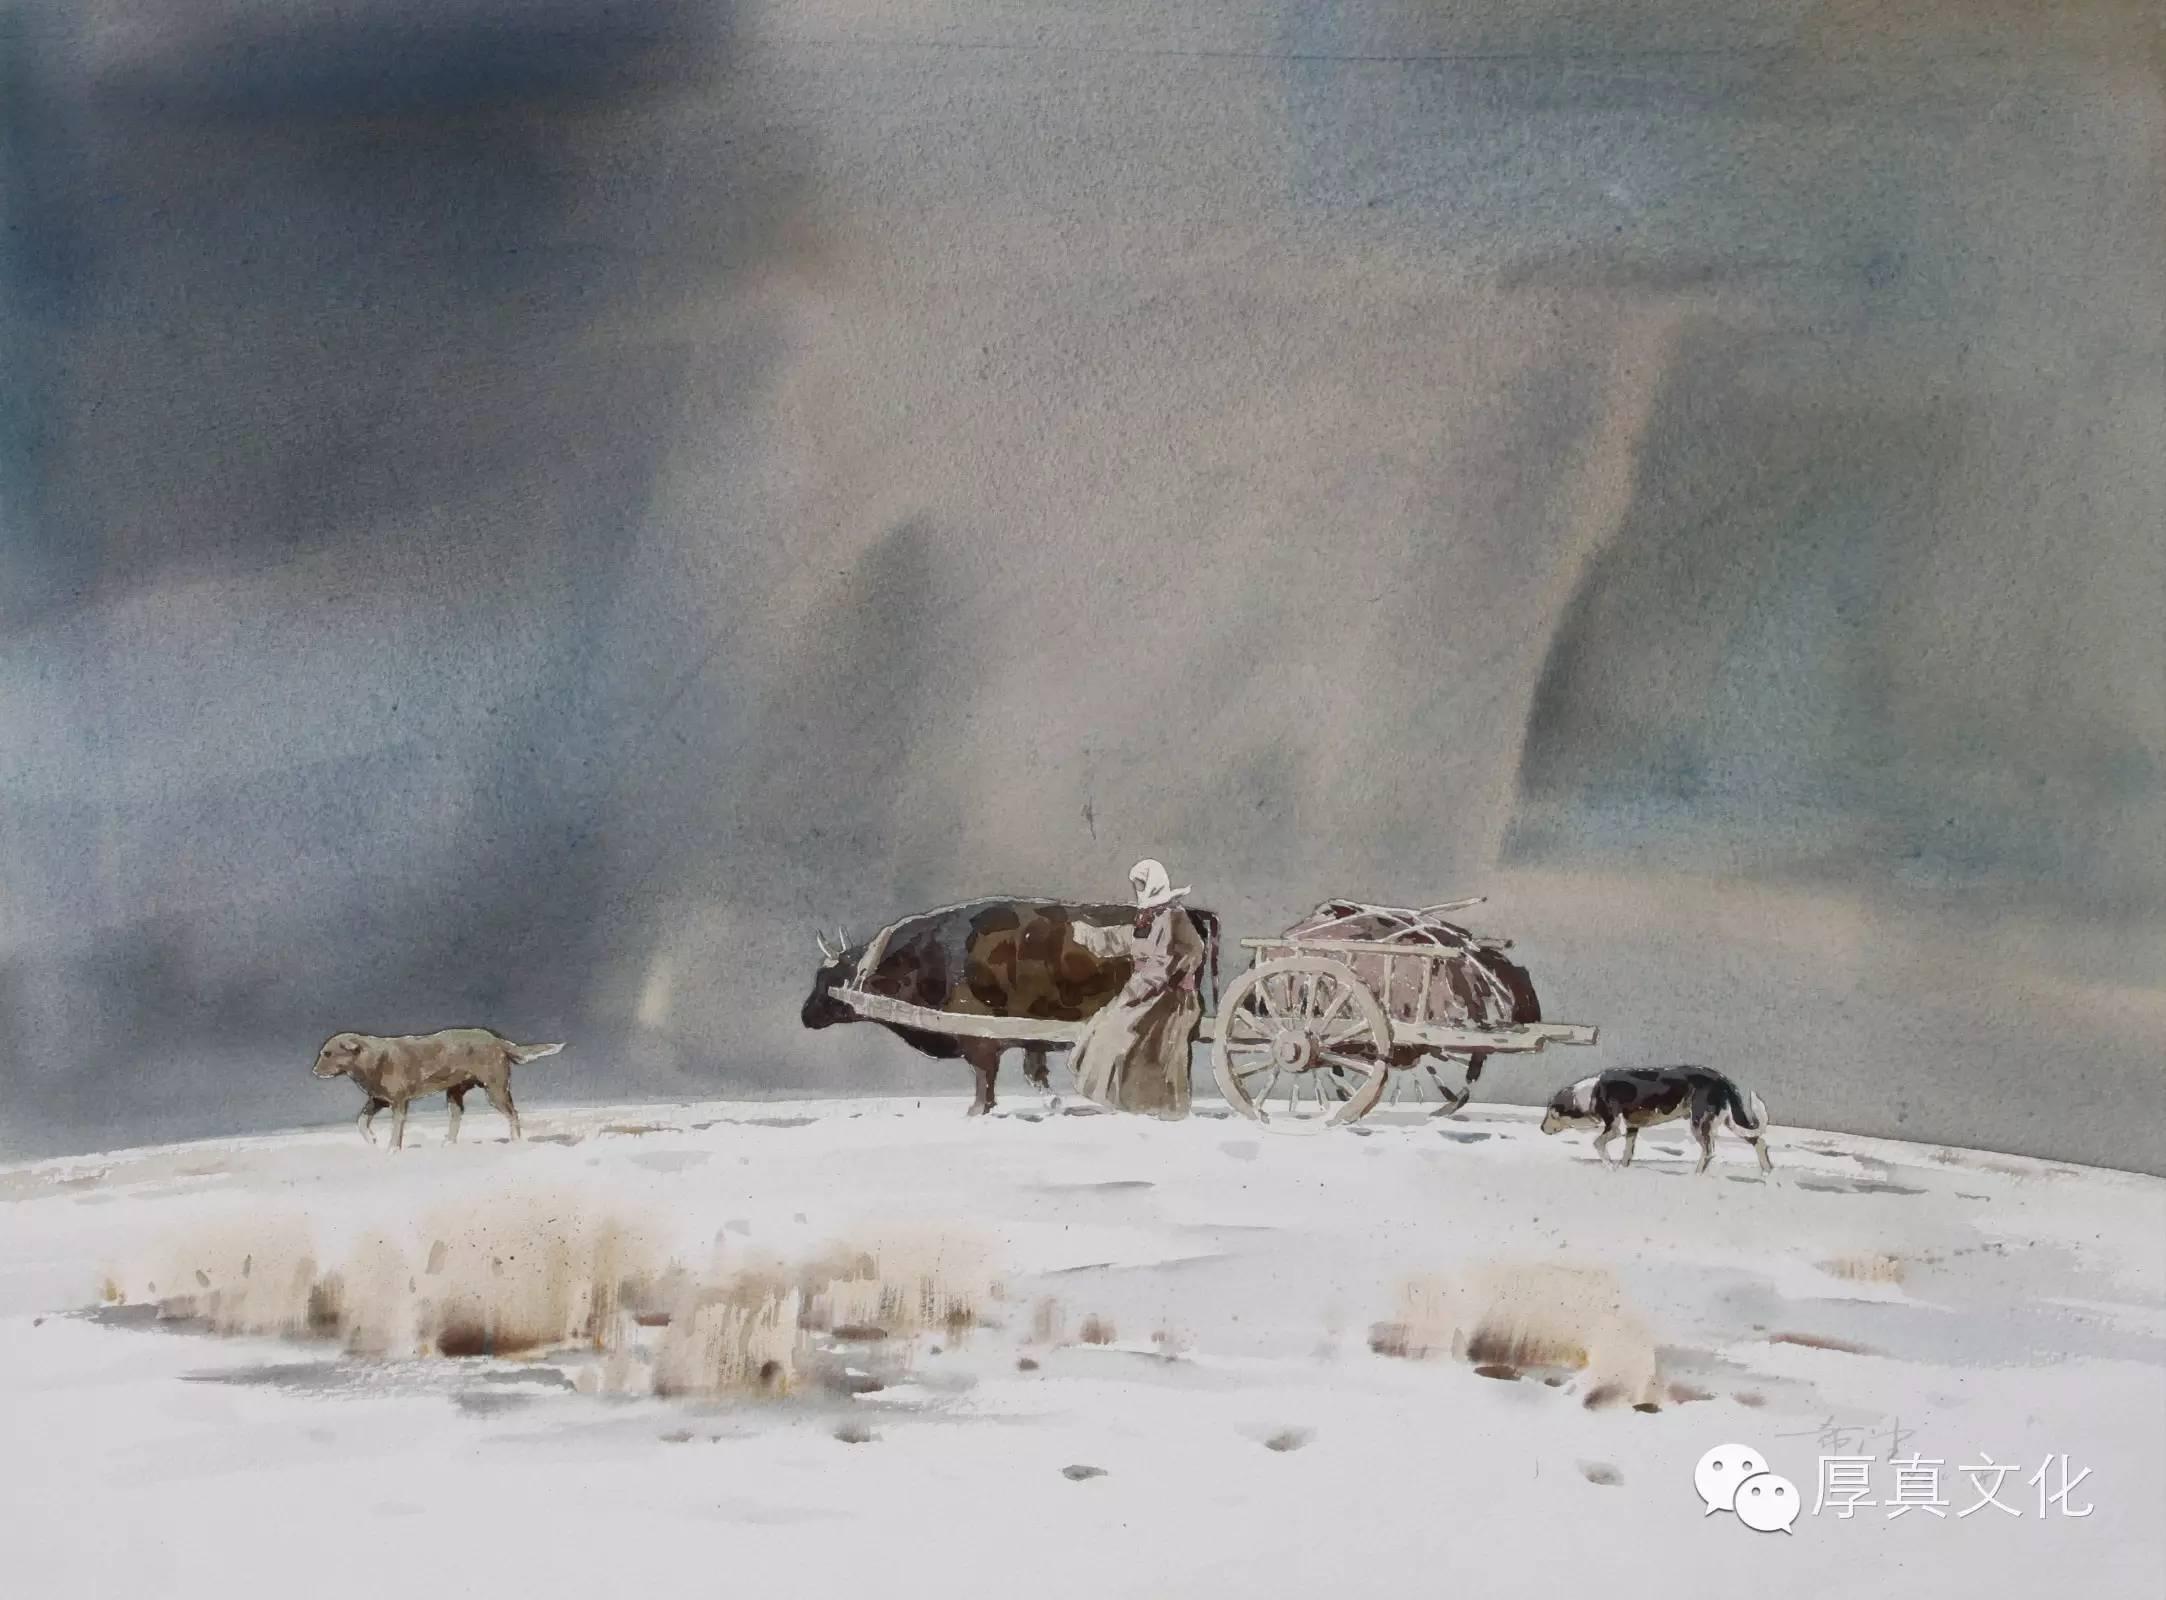 【蒙古人】美术家——云希望 第8张 【蒙古人】美术家——云希望 蒙古画廊